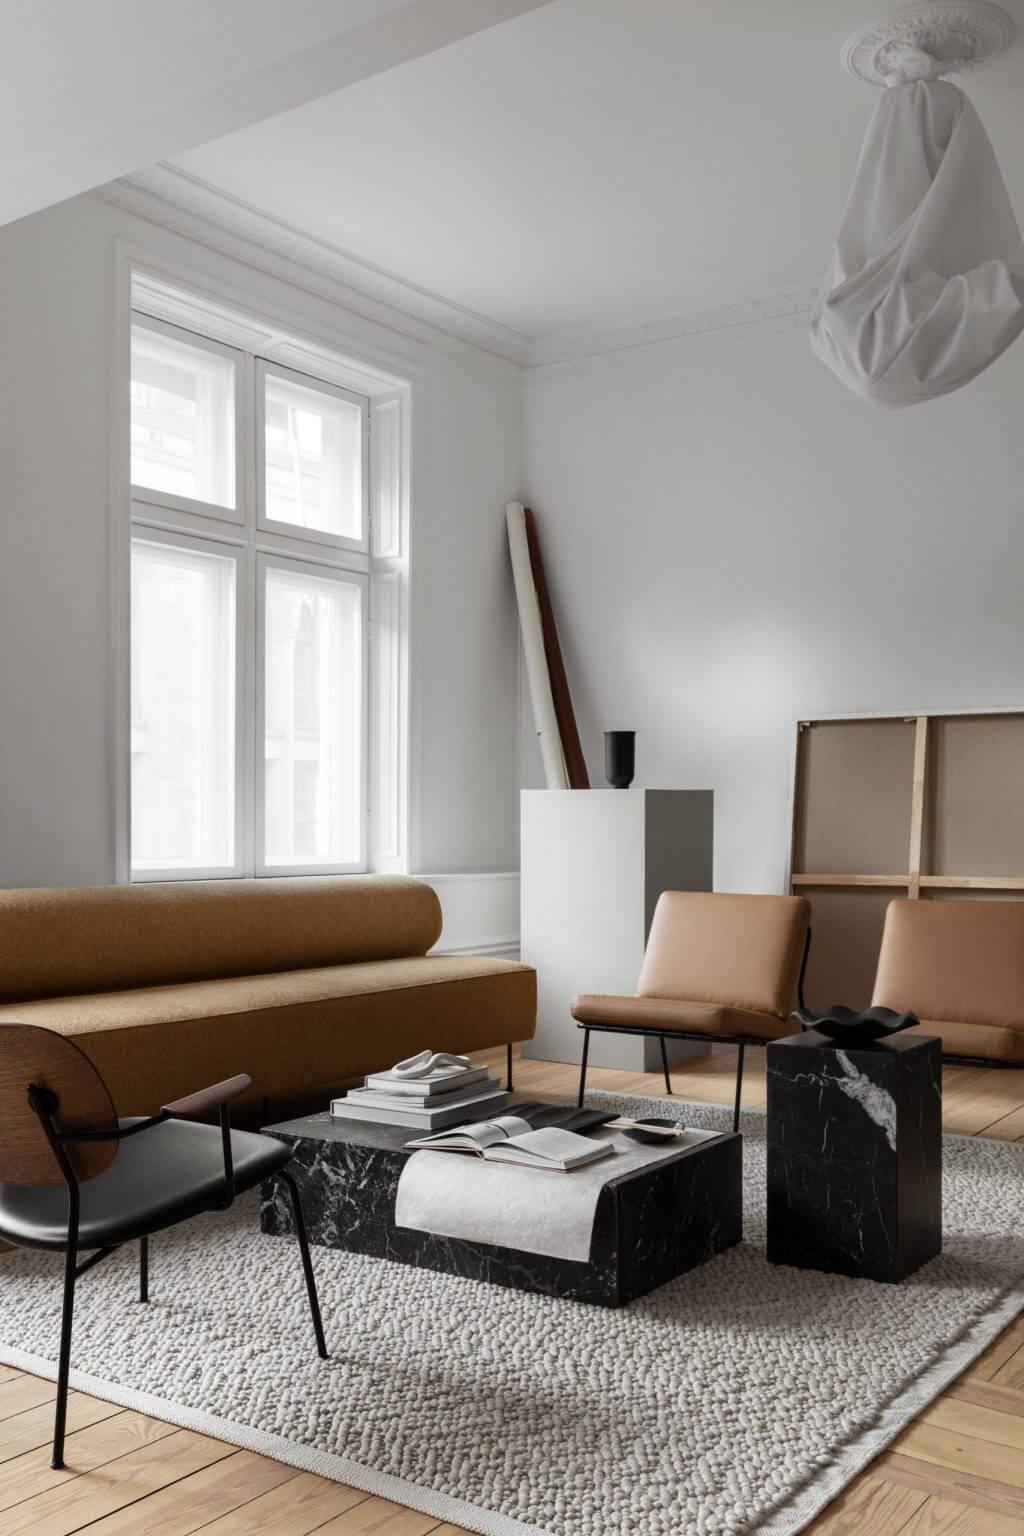 Thiết kế nội thất chung cư phong cách Bắc Âu